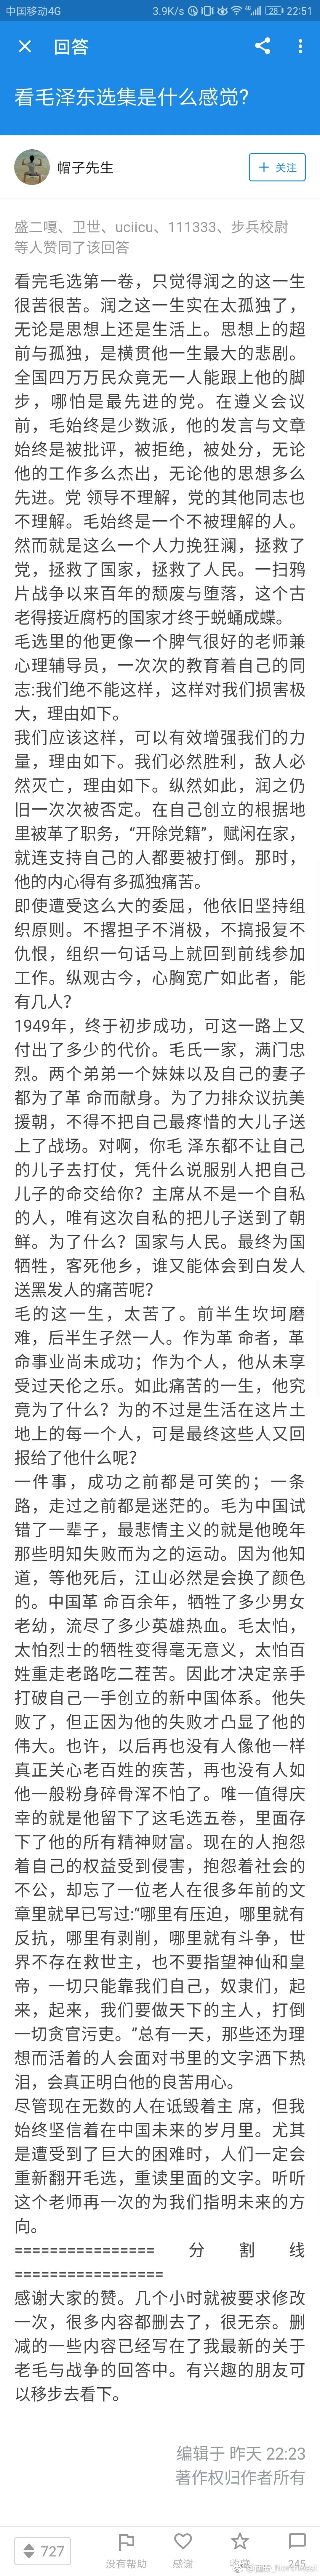 maozedongxuanji.jpg